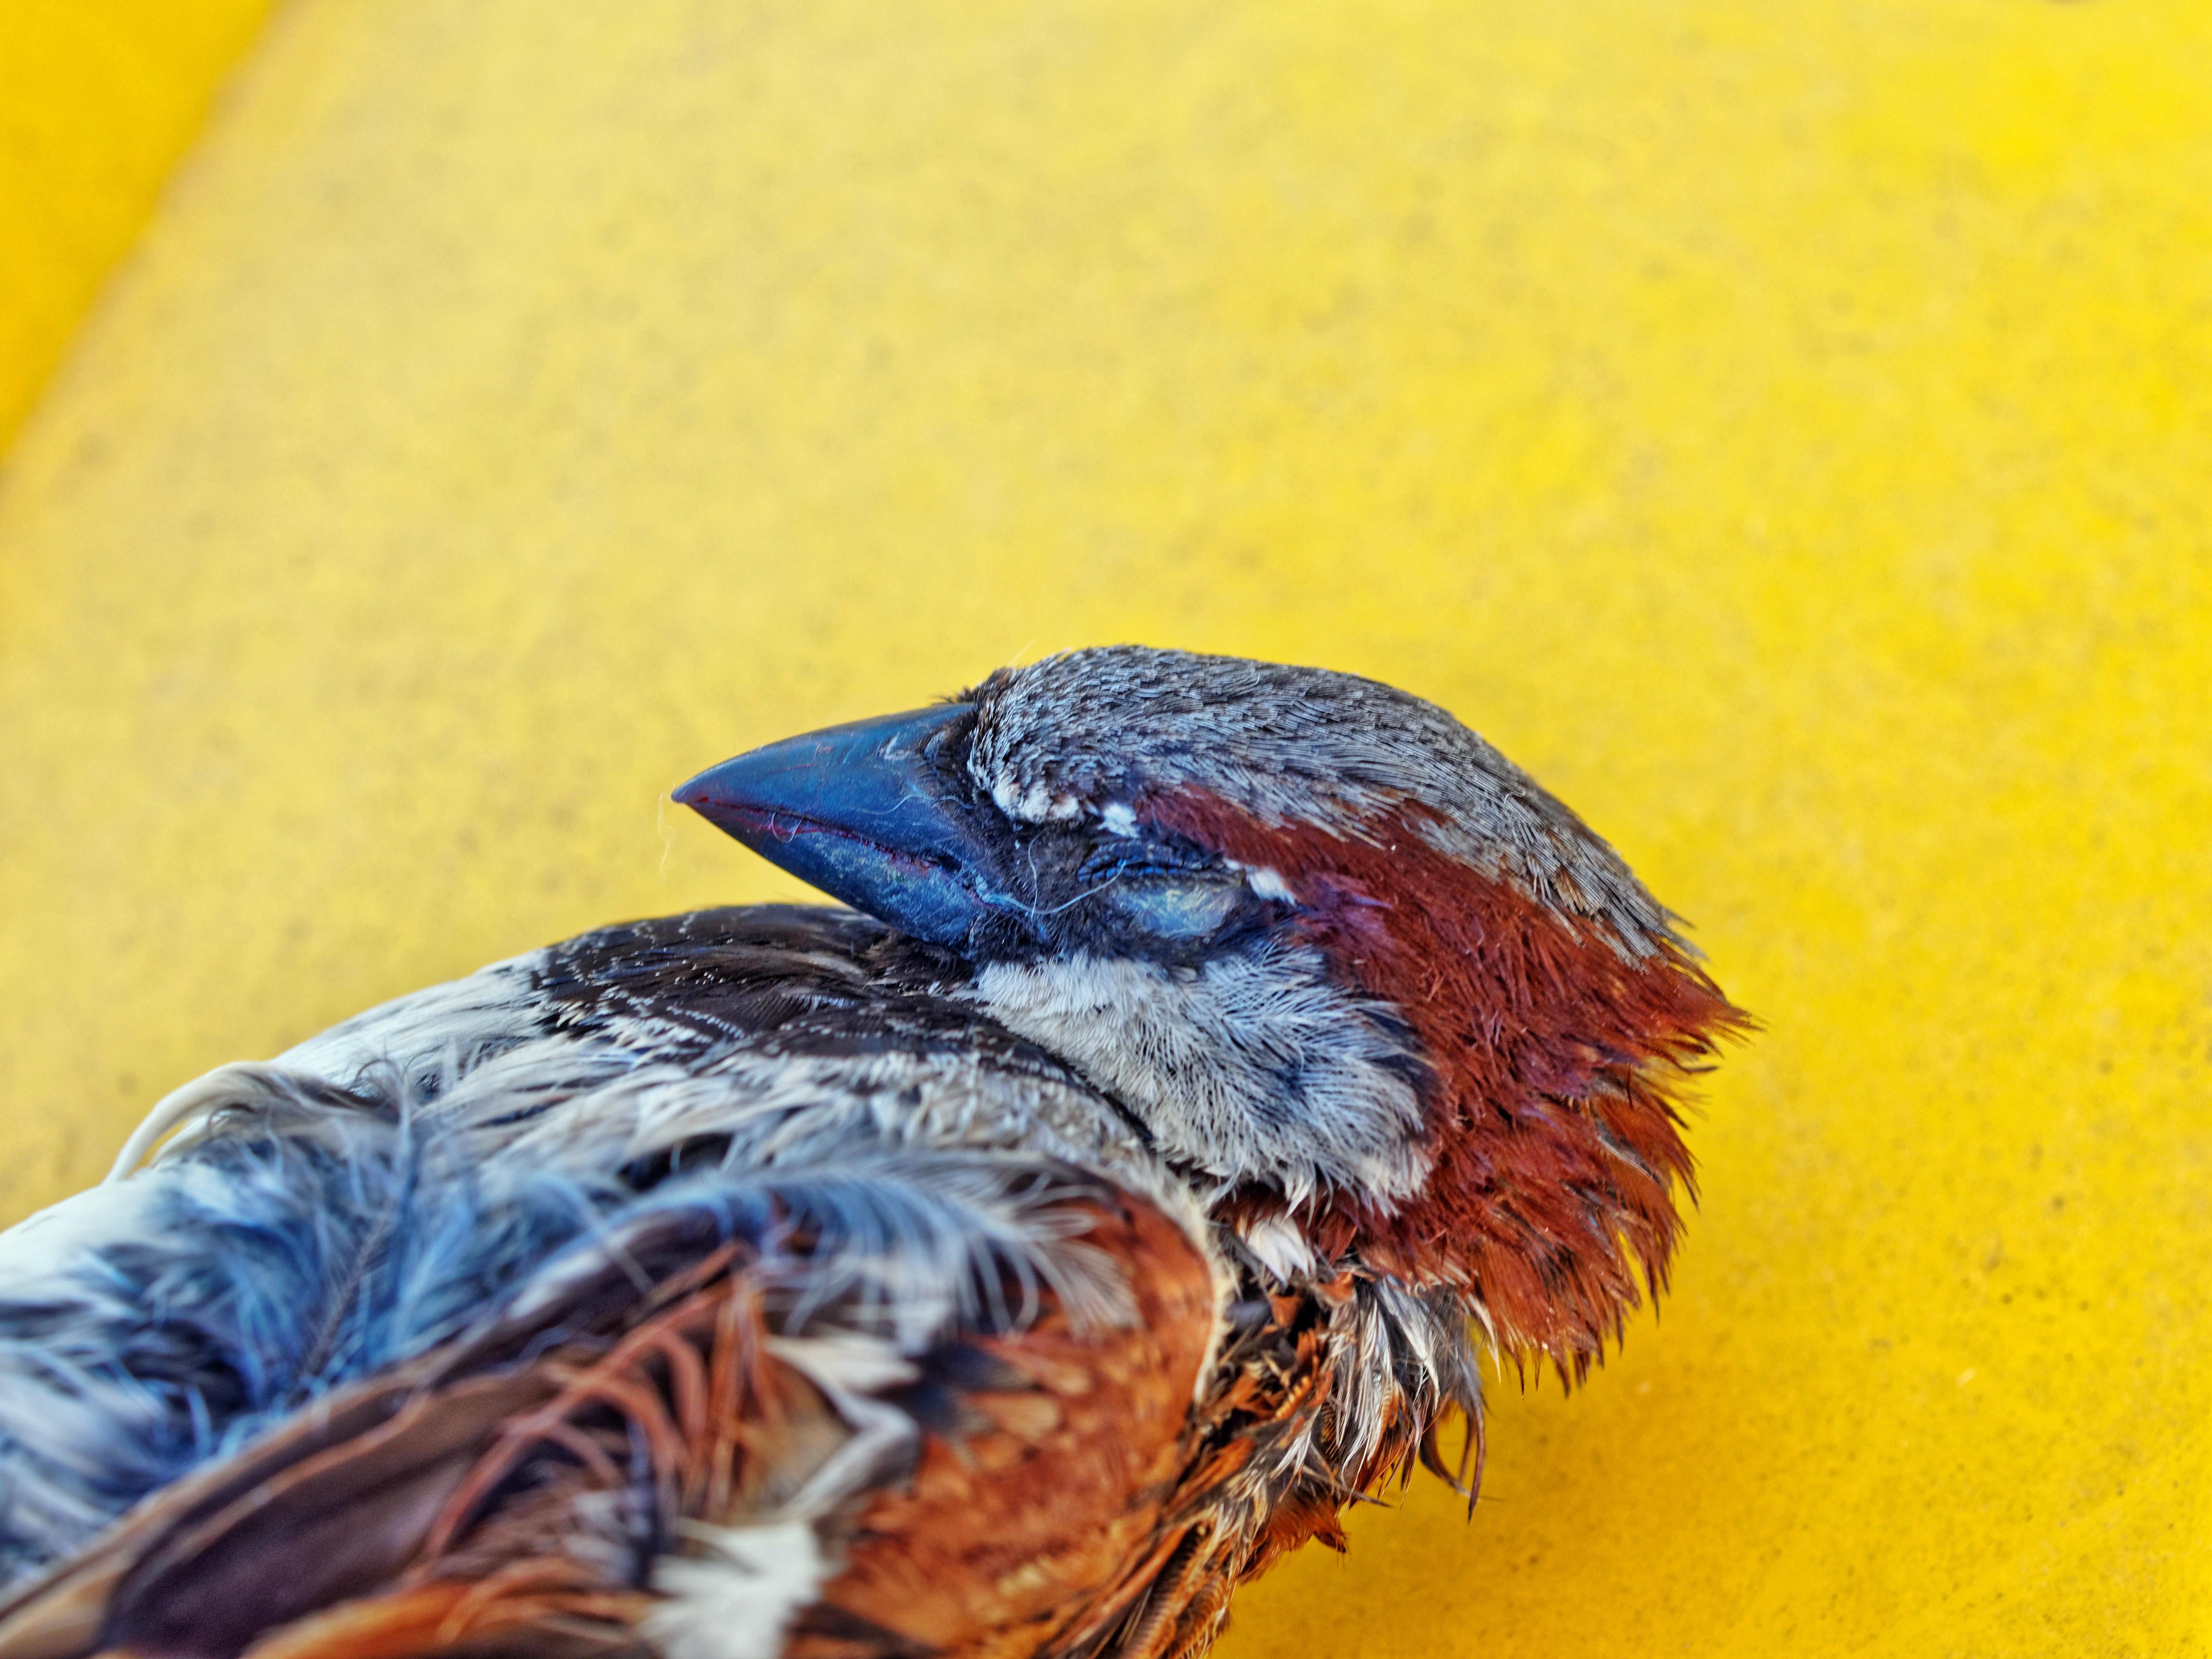 Sparrow-4.jpeg